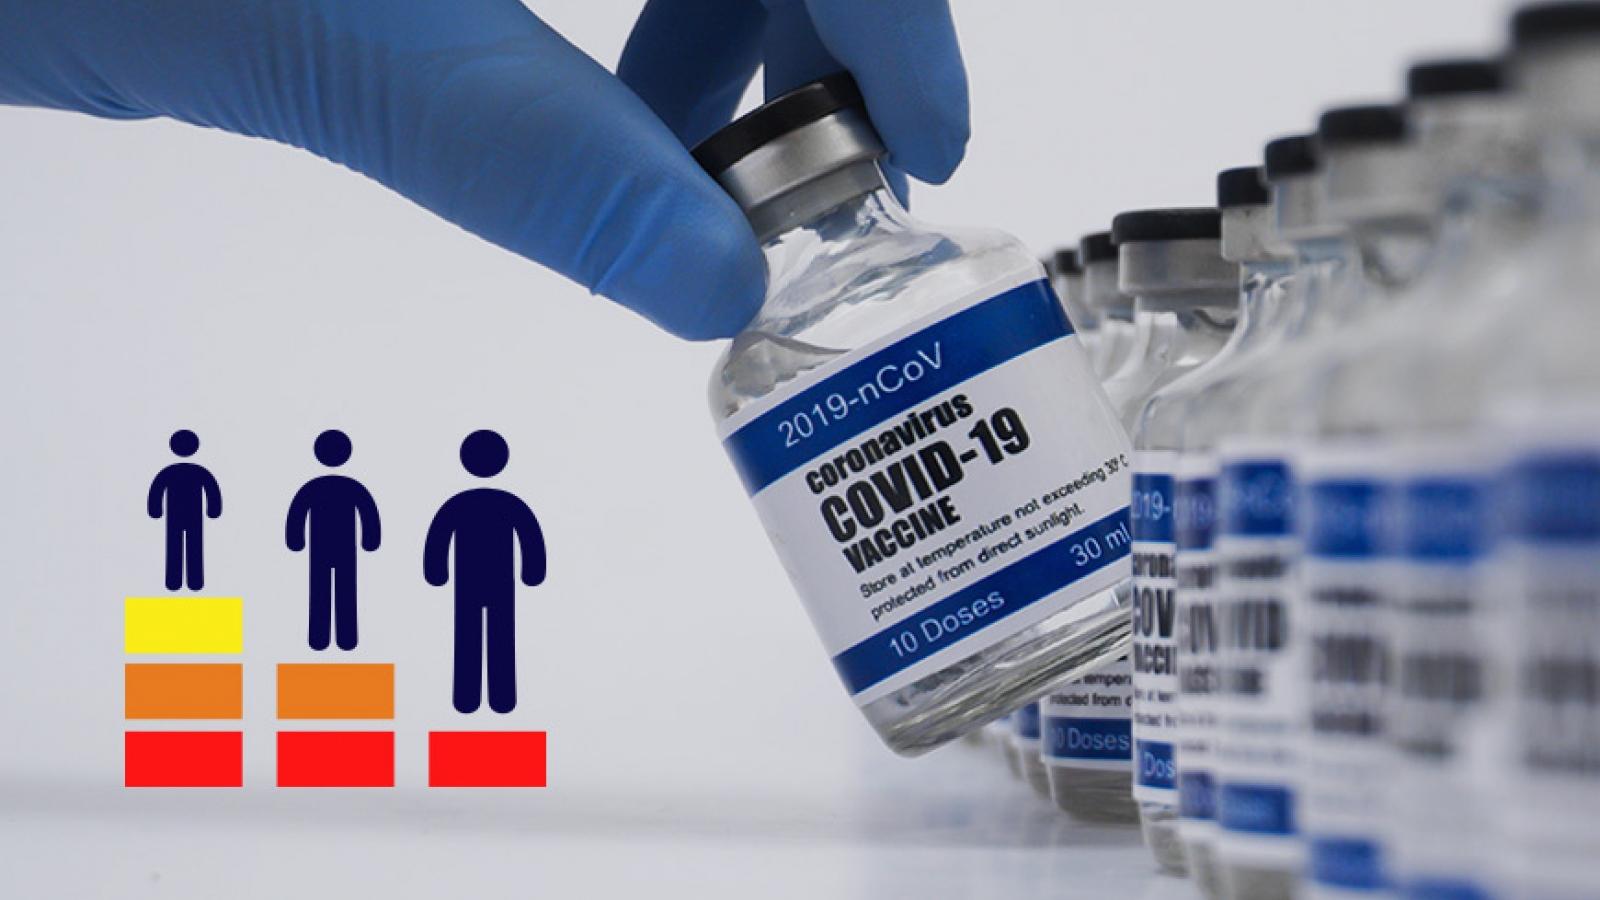 Thận trọng với quảng cáo đidu lịch nước ngoài để tiêm vaccine Covid-19